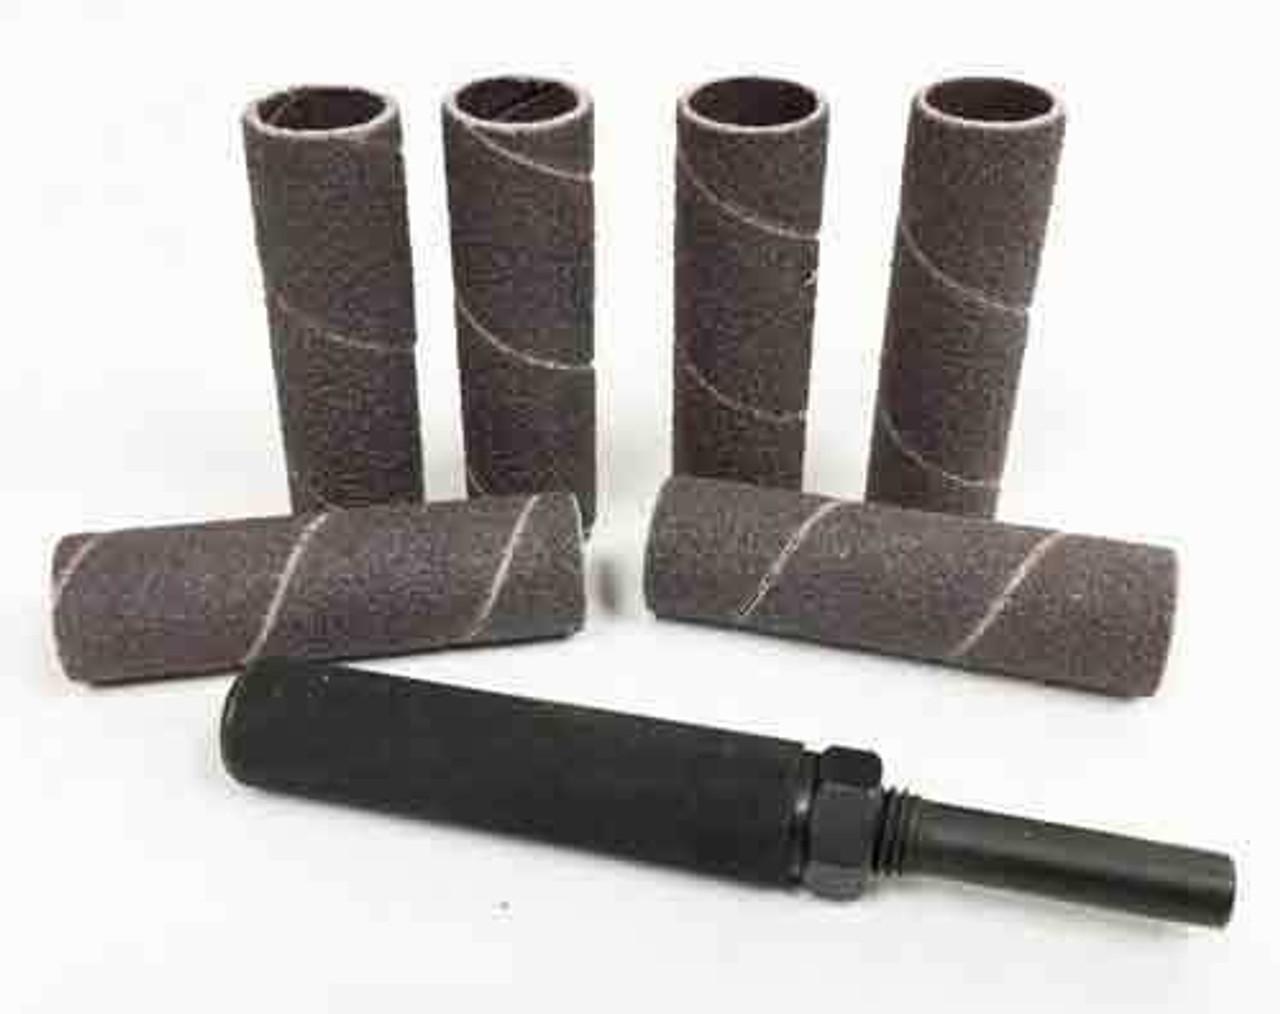 Sanding Drum and Sanding Sleeves 1/2 x 2